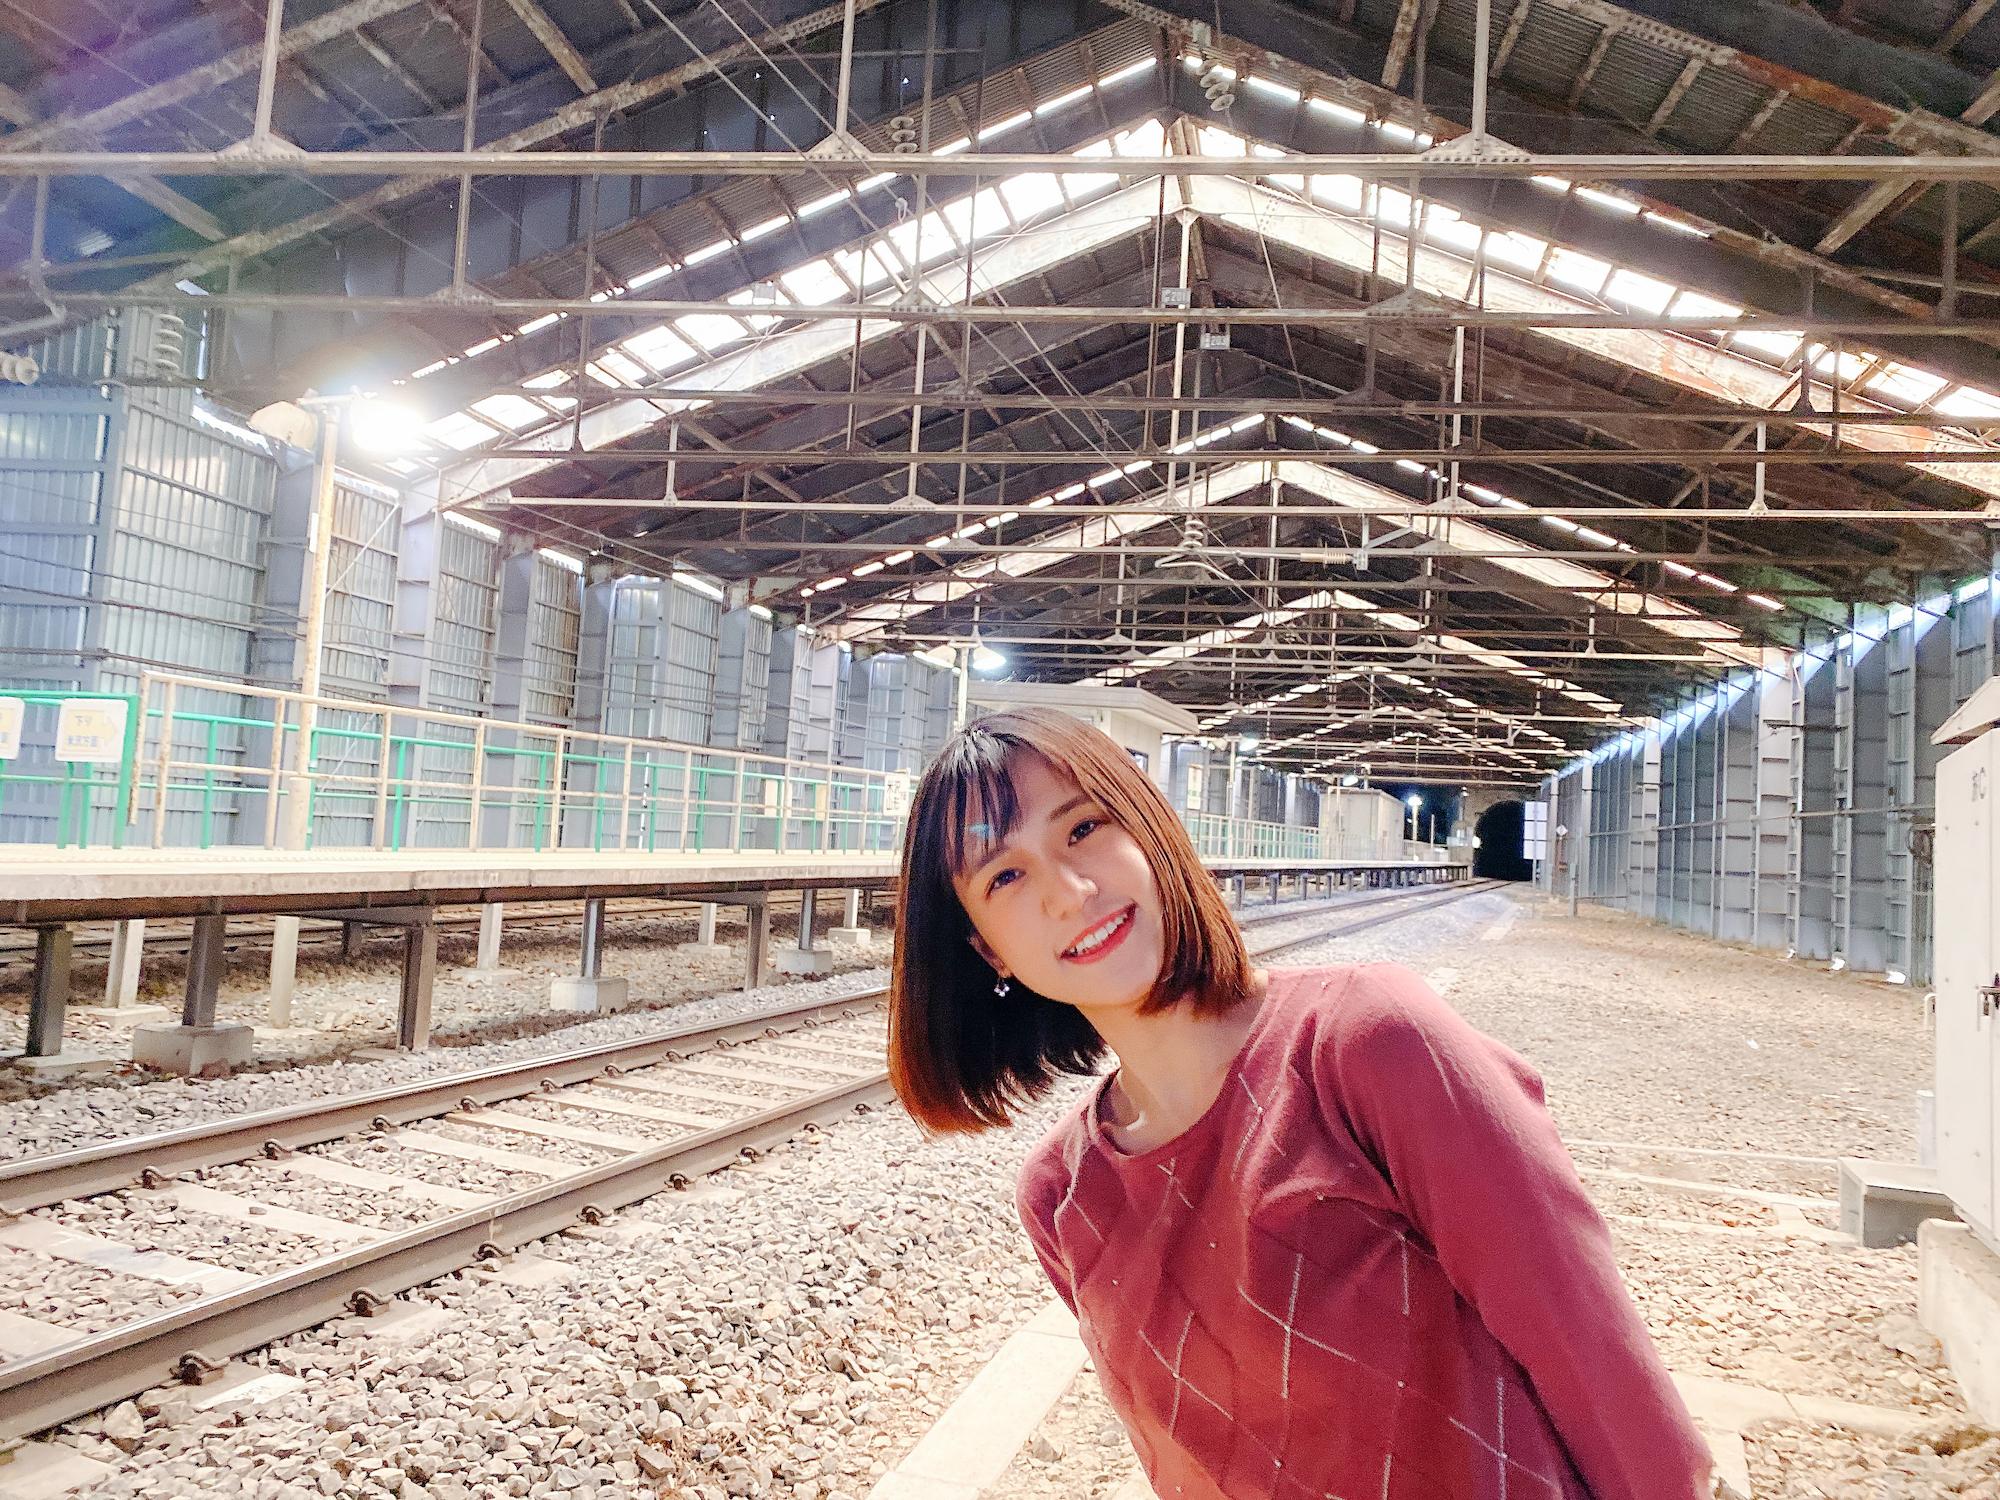 青木菜奈/山形県・峠駅にて(2020年10月30日)(C)ACTRESS編集部